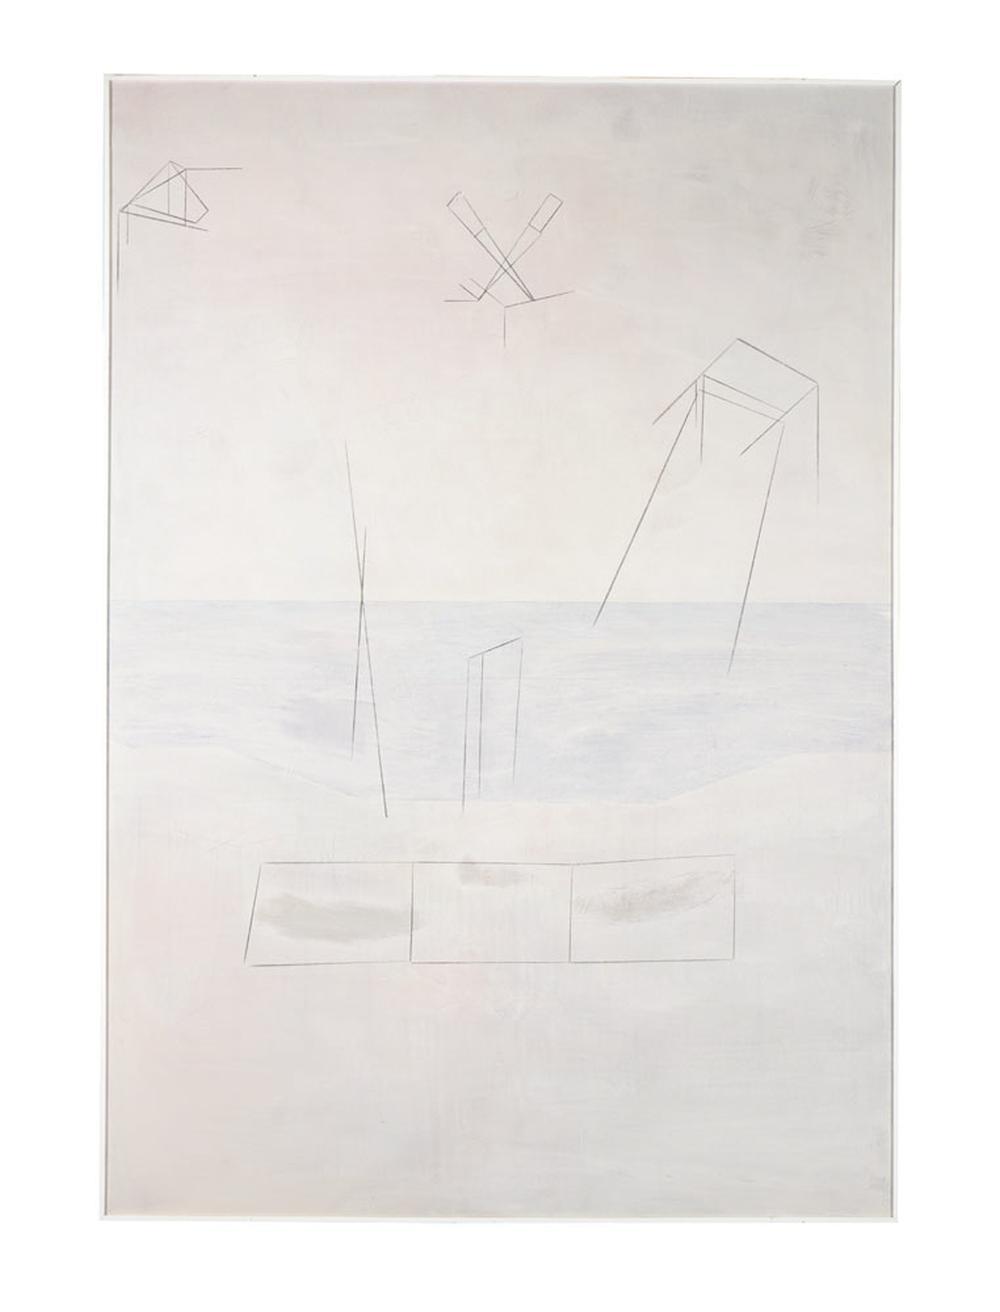 CALAPEZ, Pedro, Acrílico sobre tela, 250 x 174 cm.